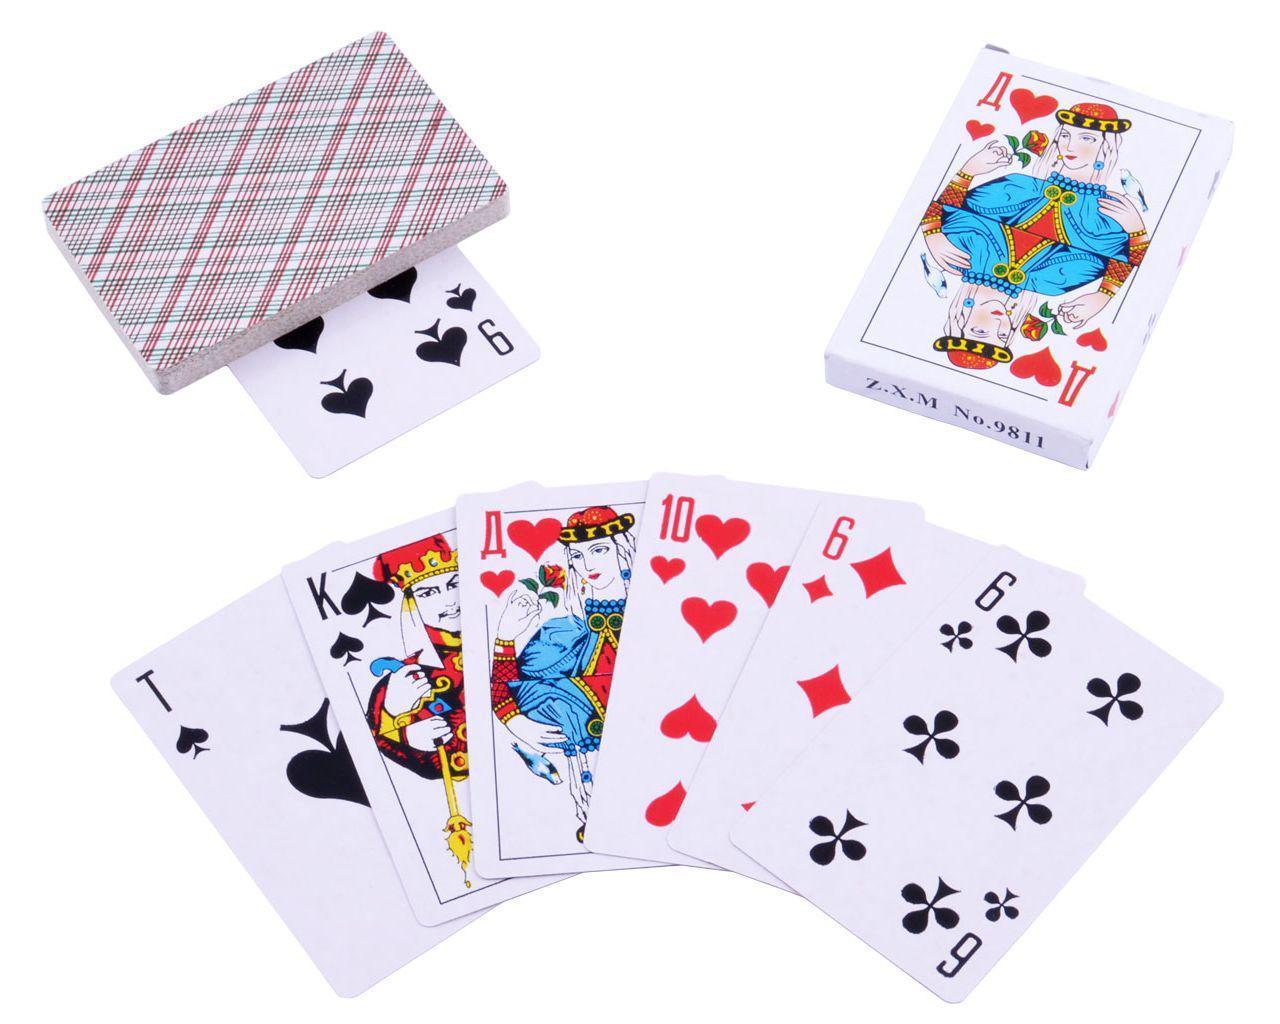 Как играть в карты в бабочку музыка из казино онлайн